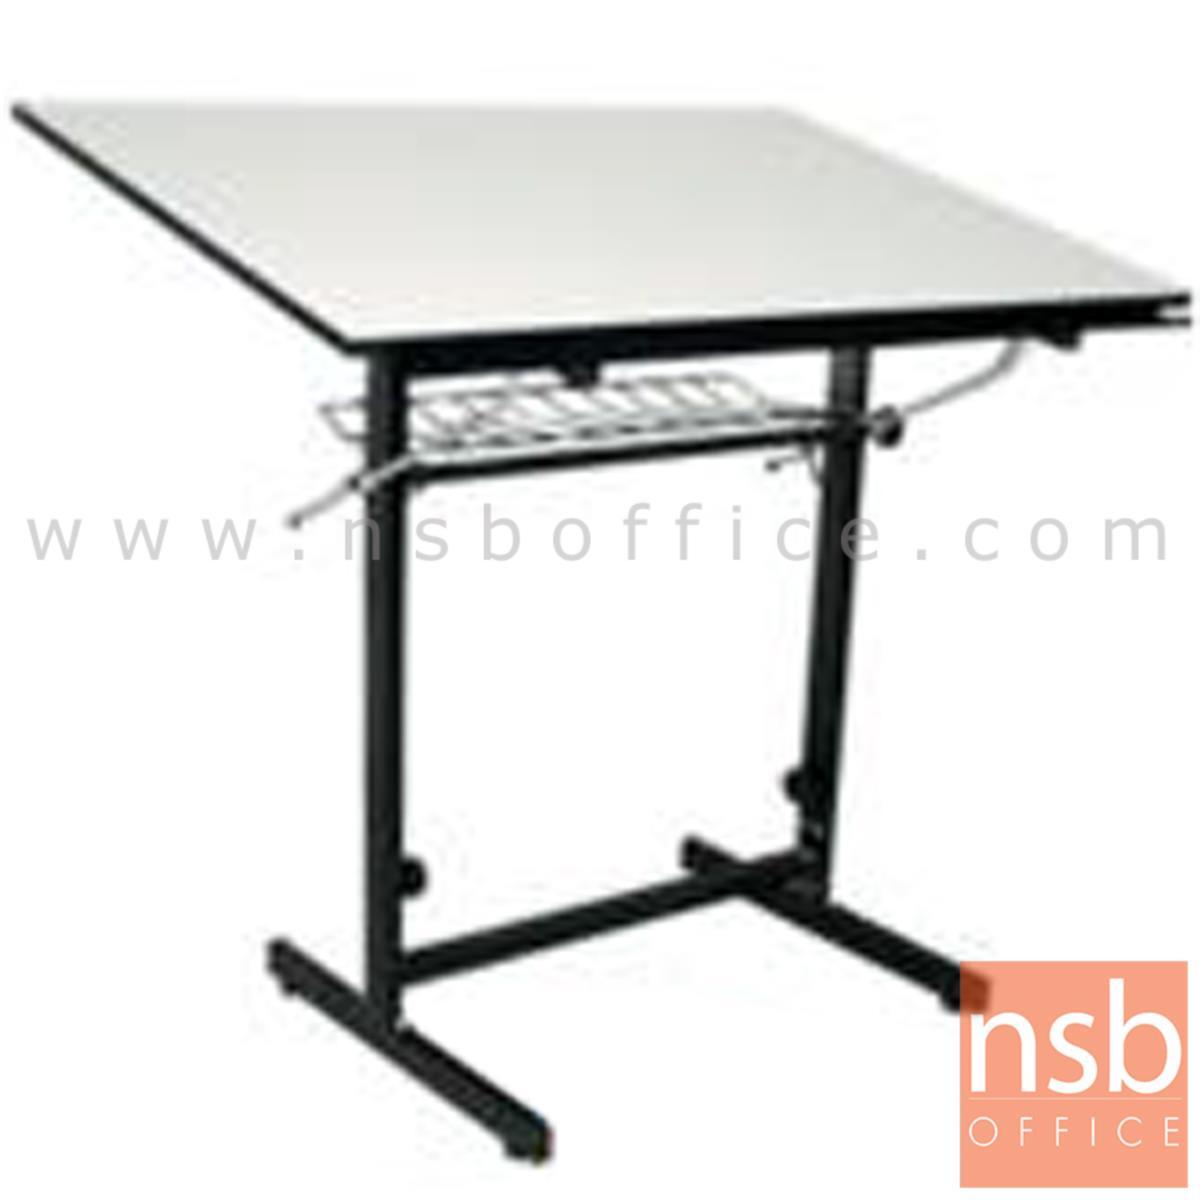 E06A018:โต๊ะเขียนแบบ 90W*60D*95.3H cm. ปรับองศาได้ มีตะแกรงข้างใต้  รุ่น DT-6090